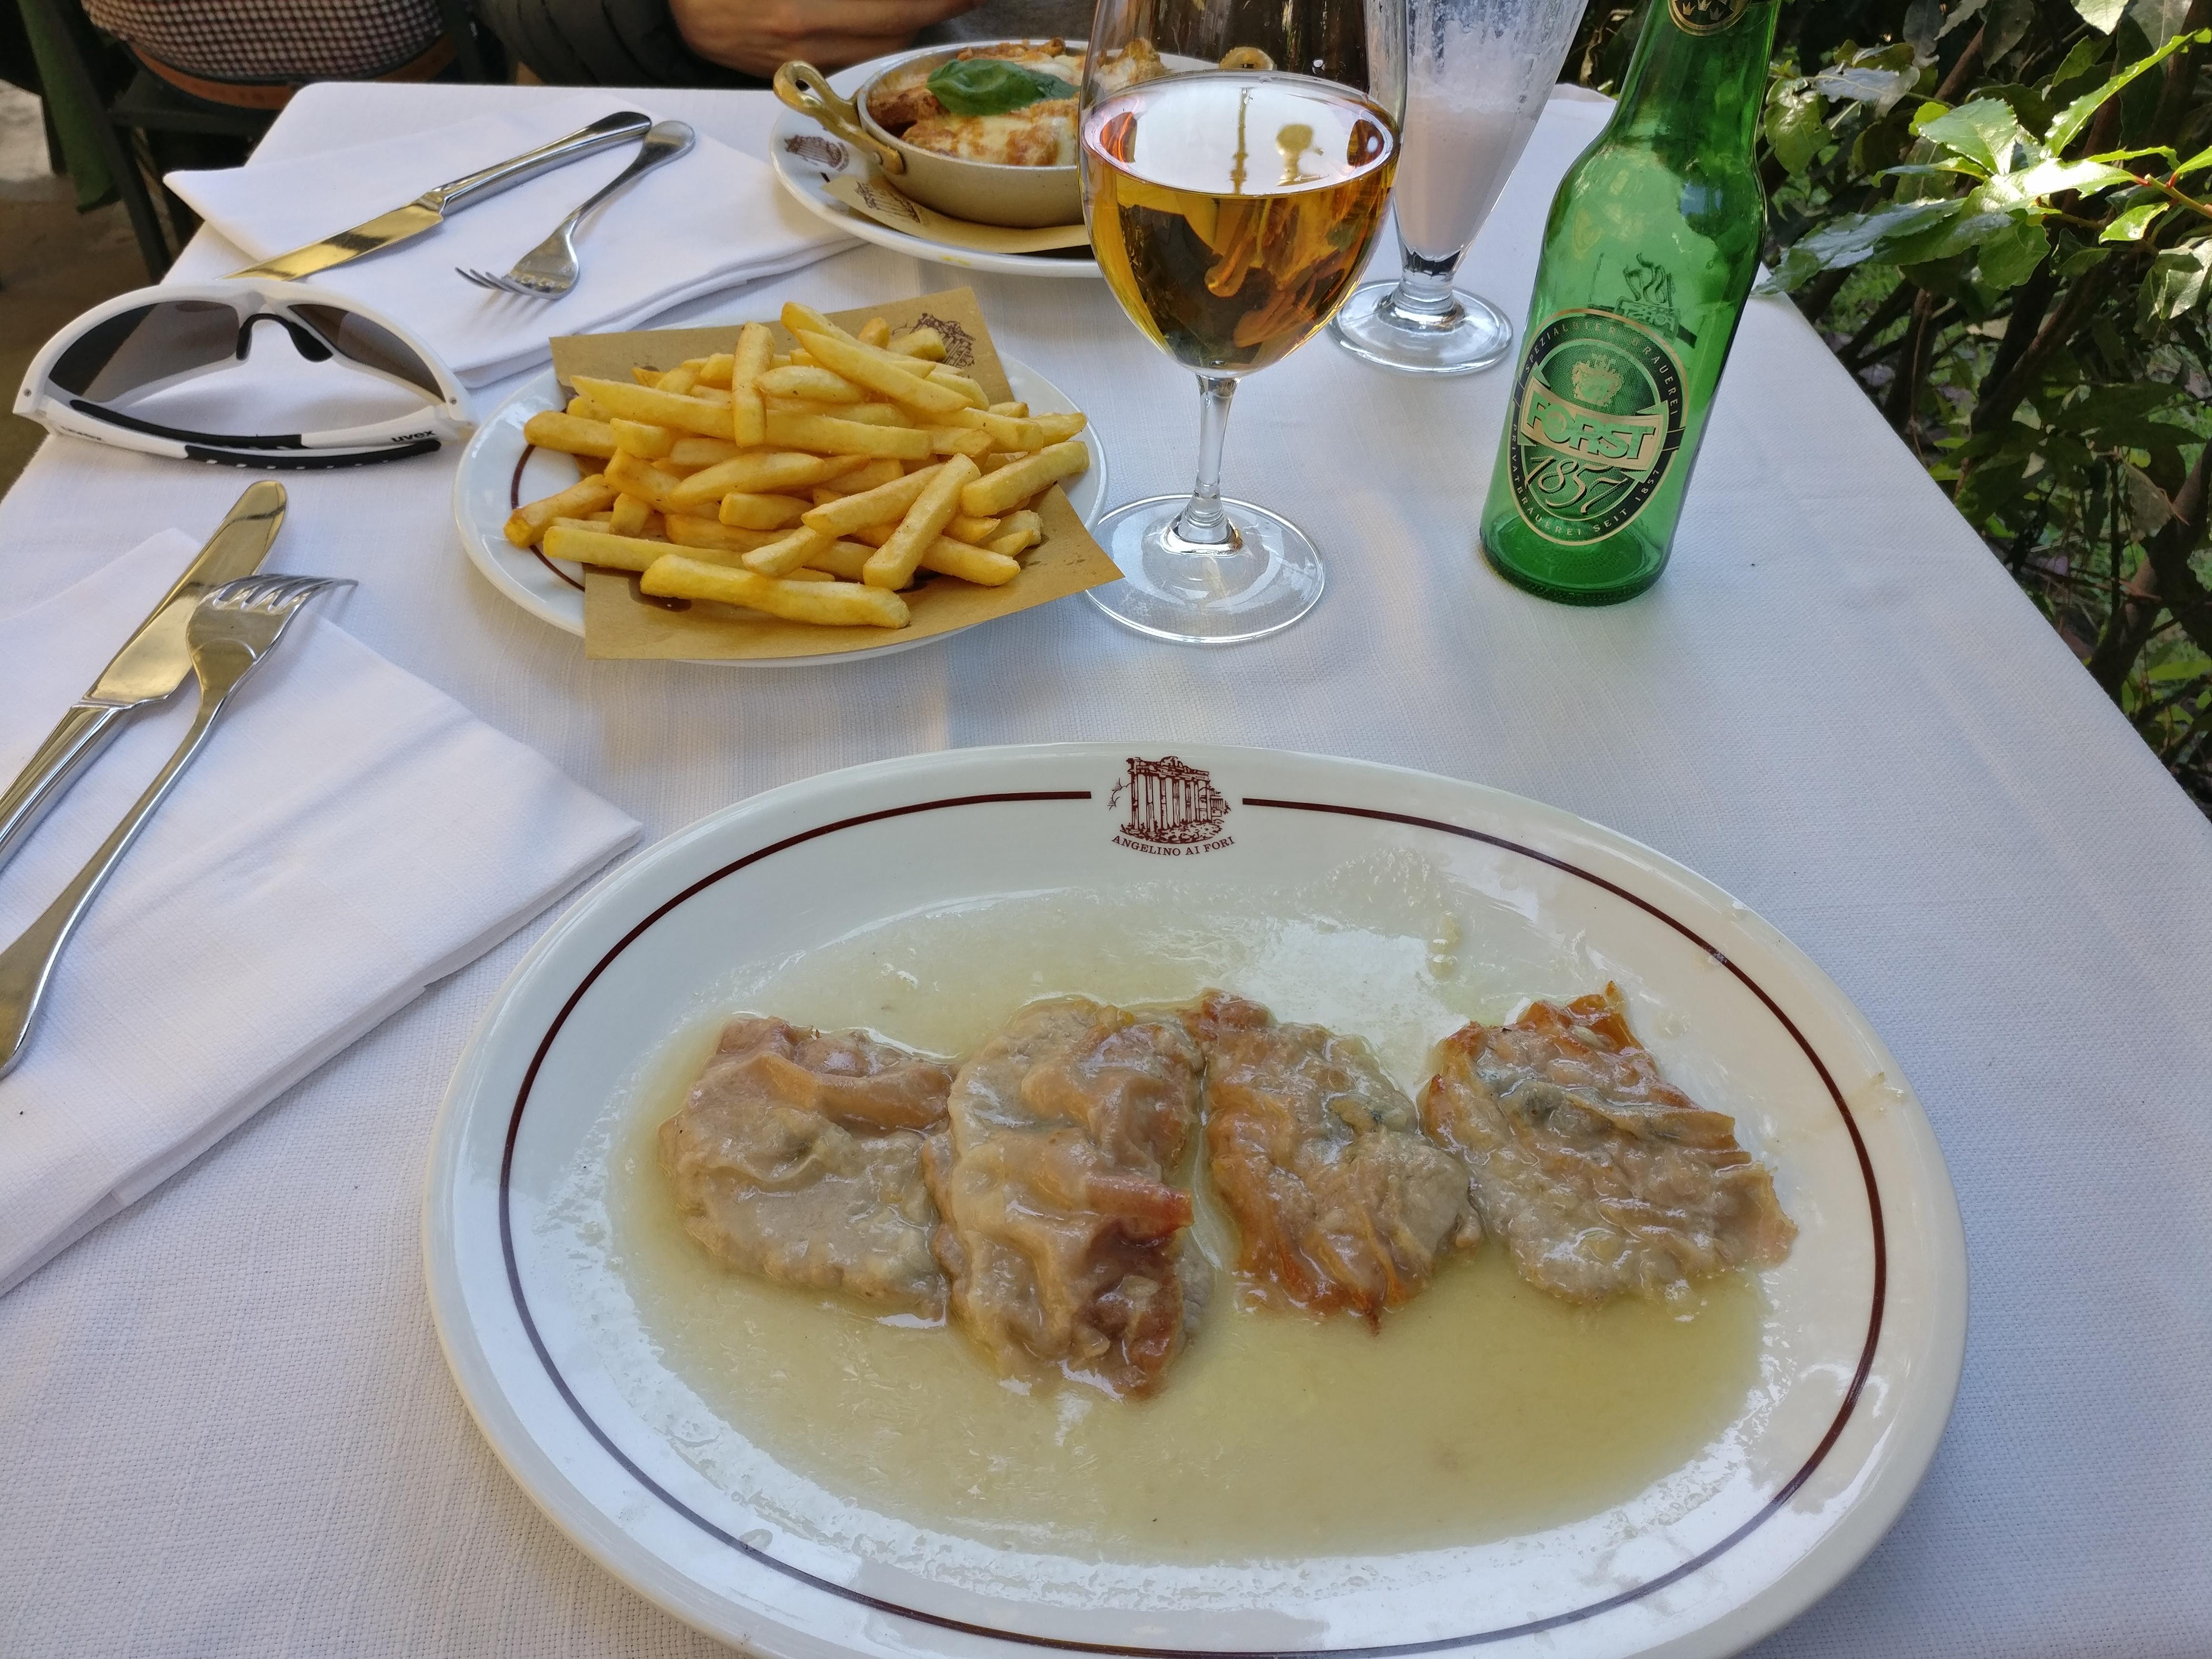 http://foodloader.net/nico_2017-04-22_saltimbocca-und-pommes-frites.jpg